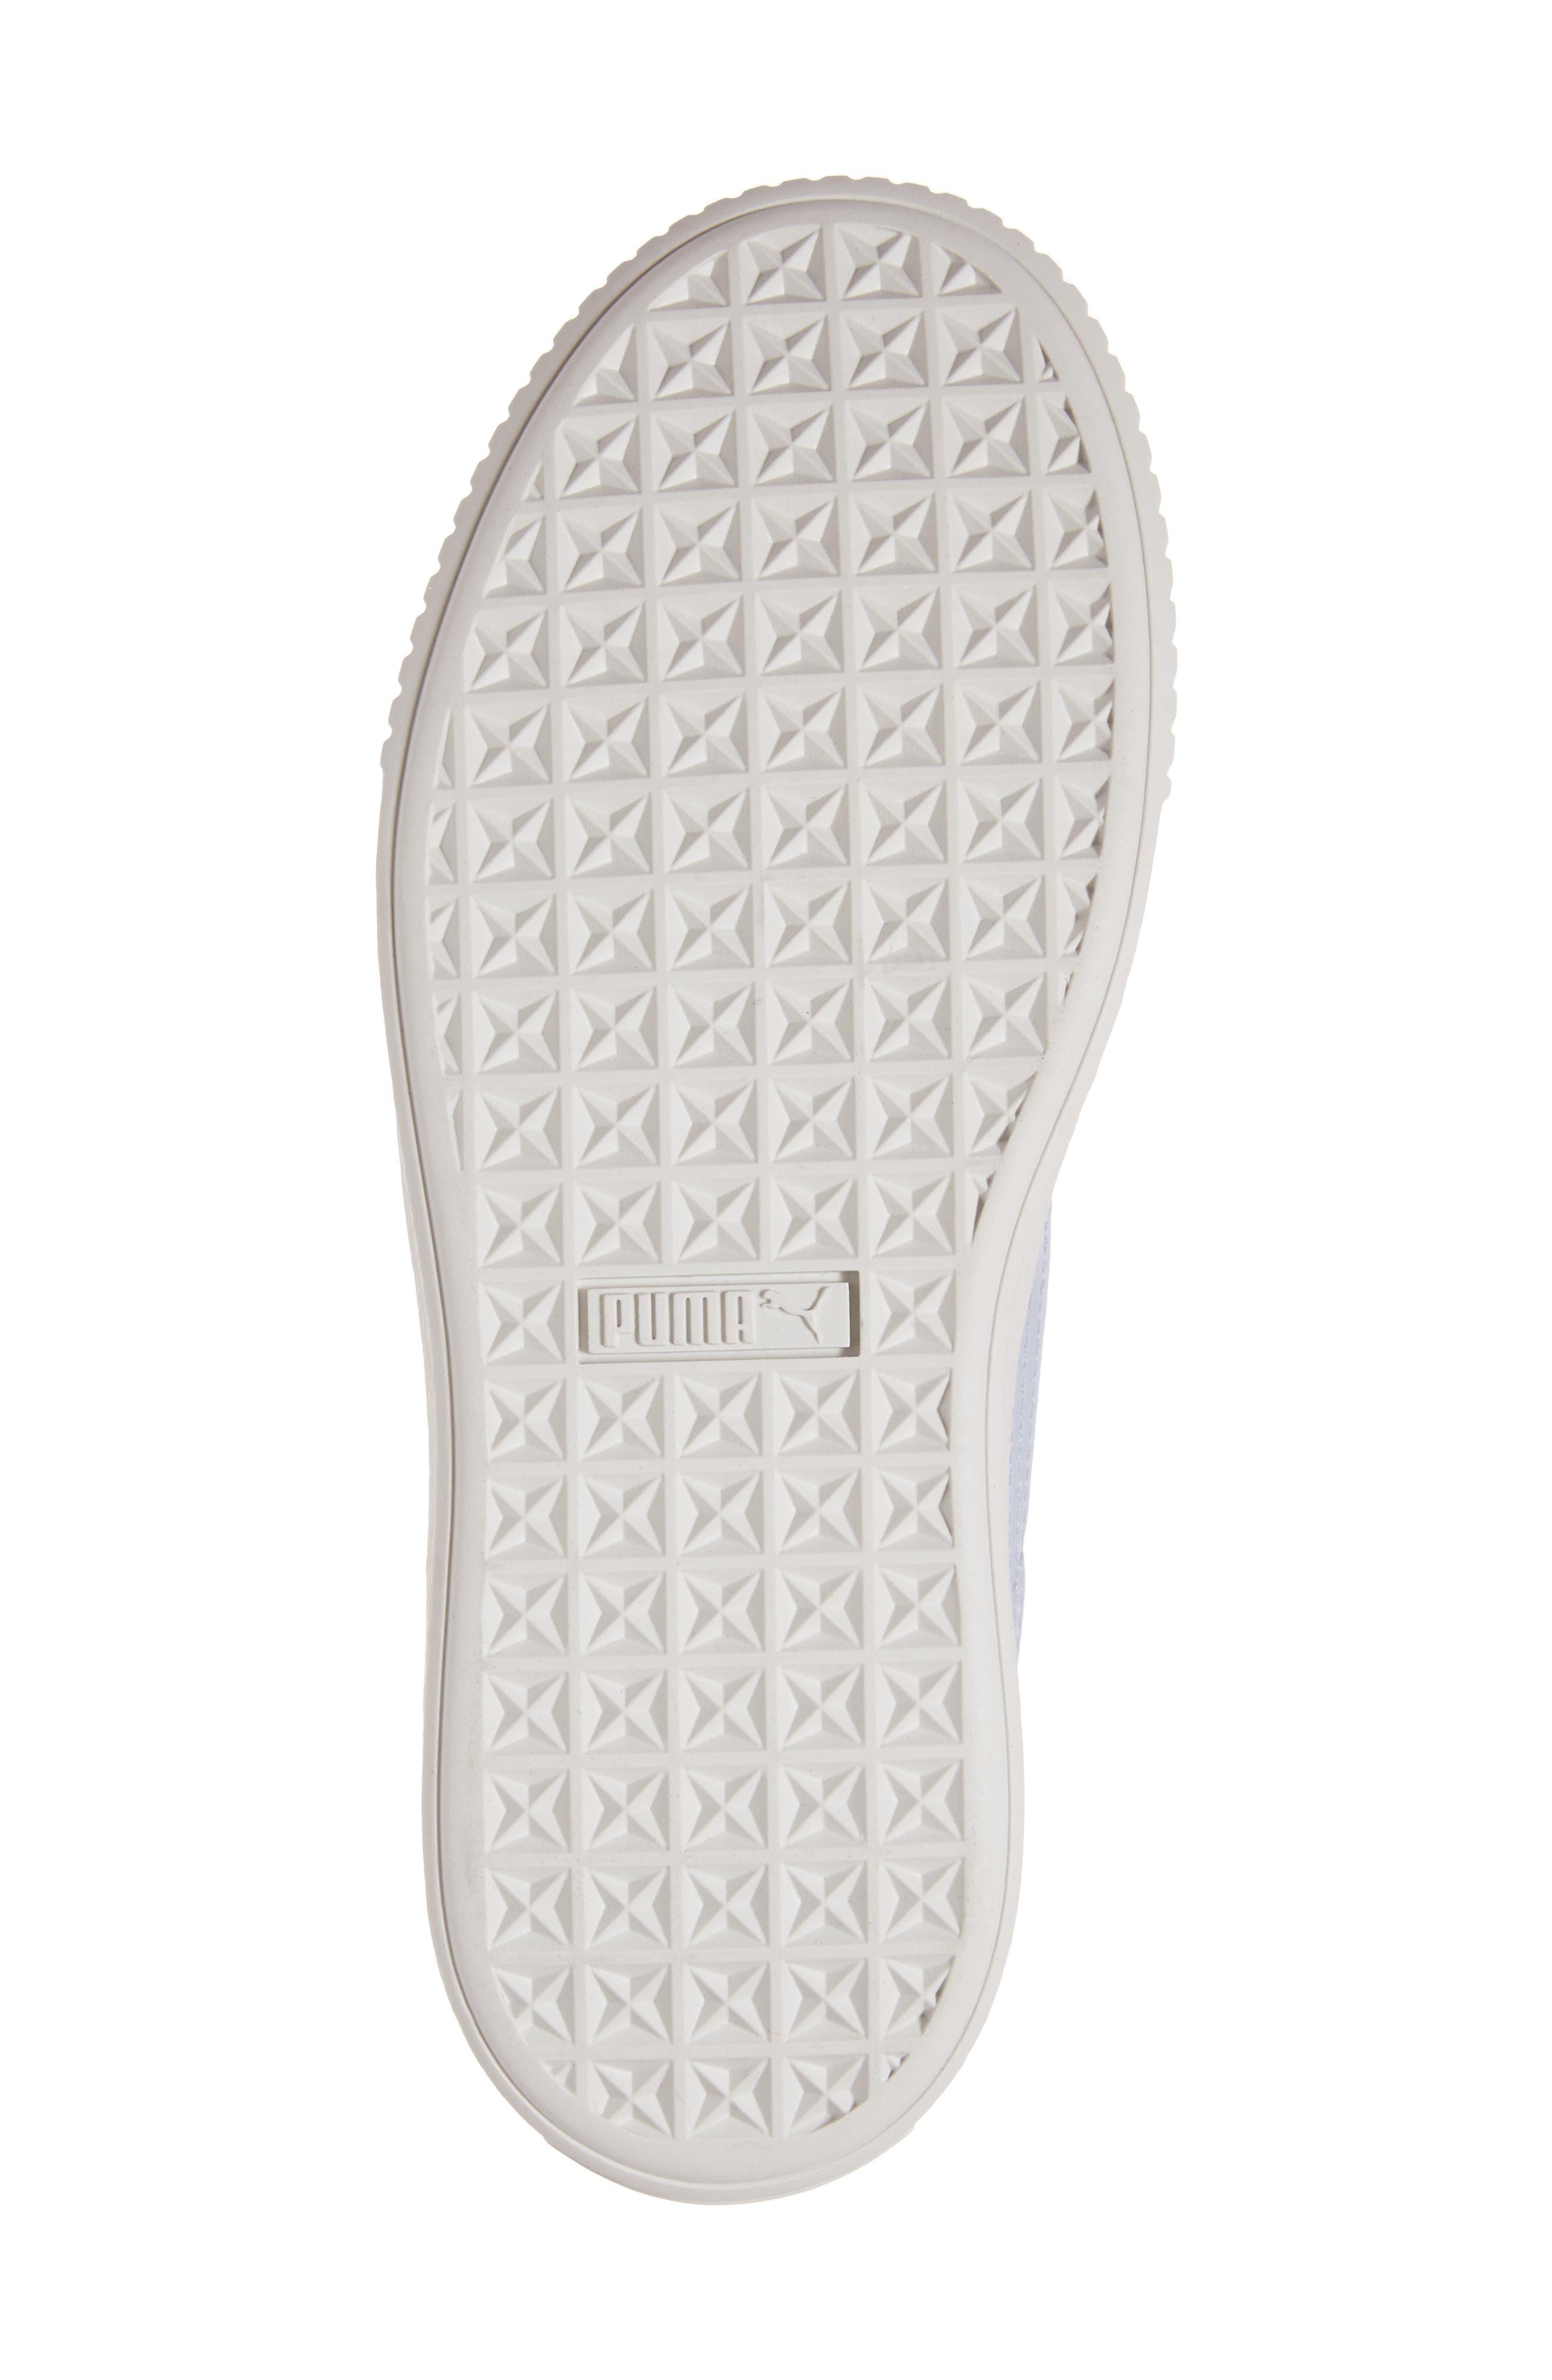 Basket Platform Sneaker,                             Alternate thumbnail 6, color,                             Halogen Blue/ Halogen Blue